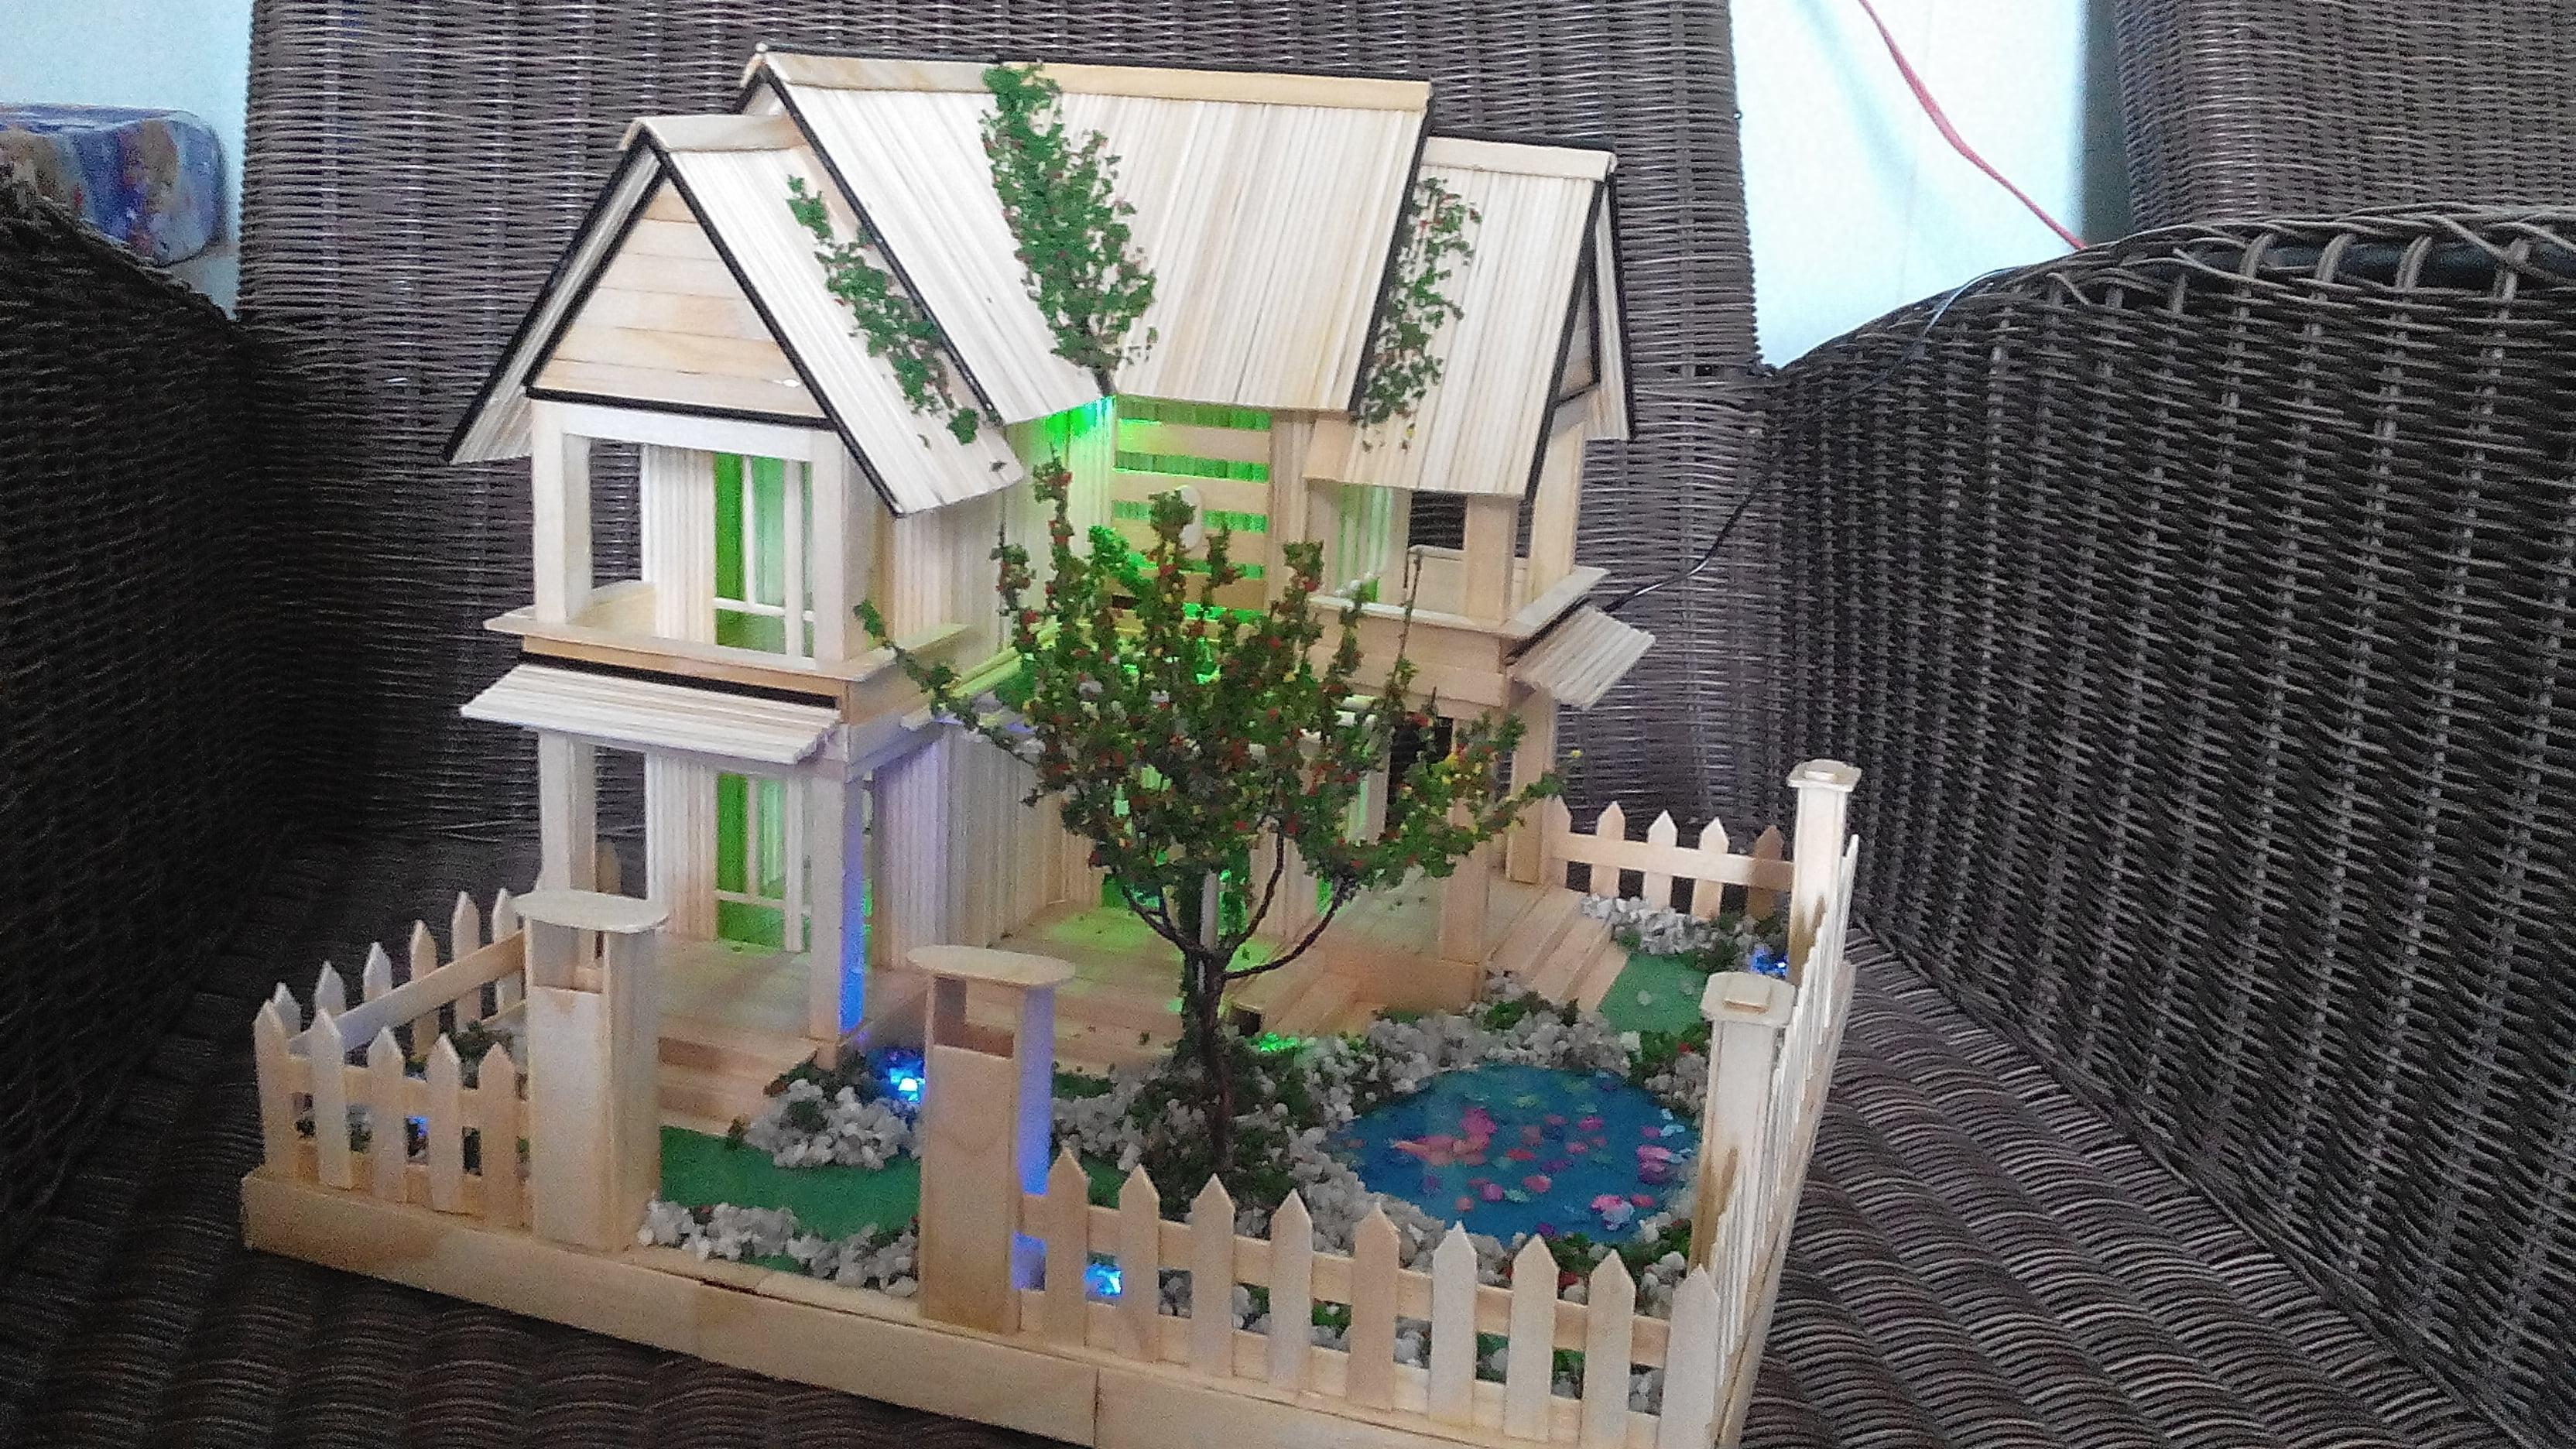 Mô hình ngôi nhà bằng tăm tre phối với đèn LED cực đẹp